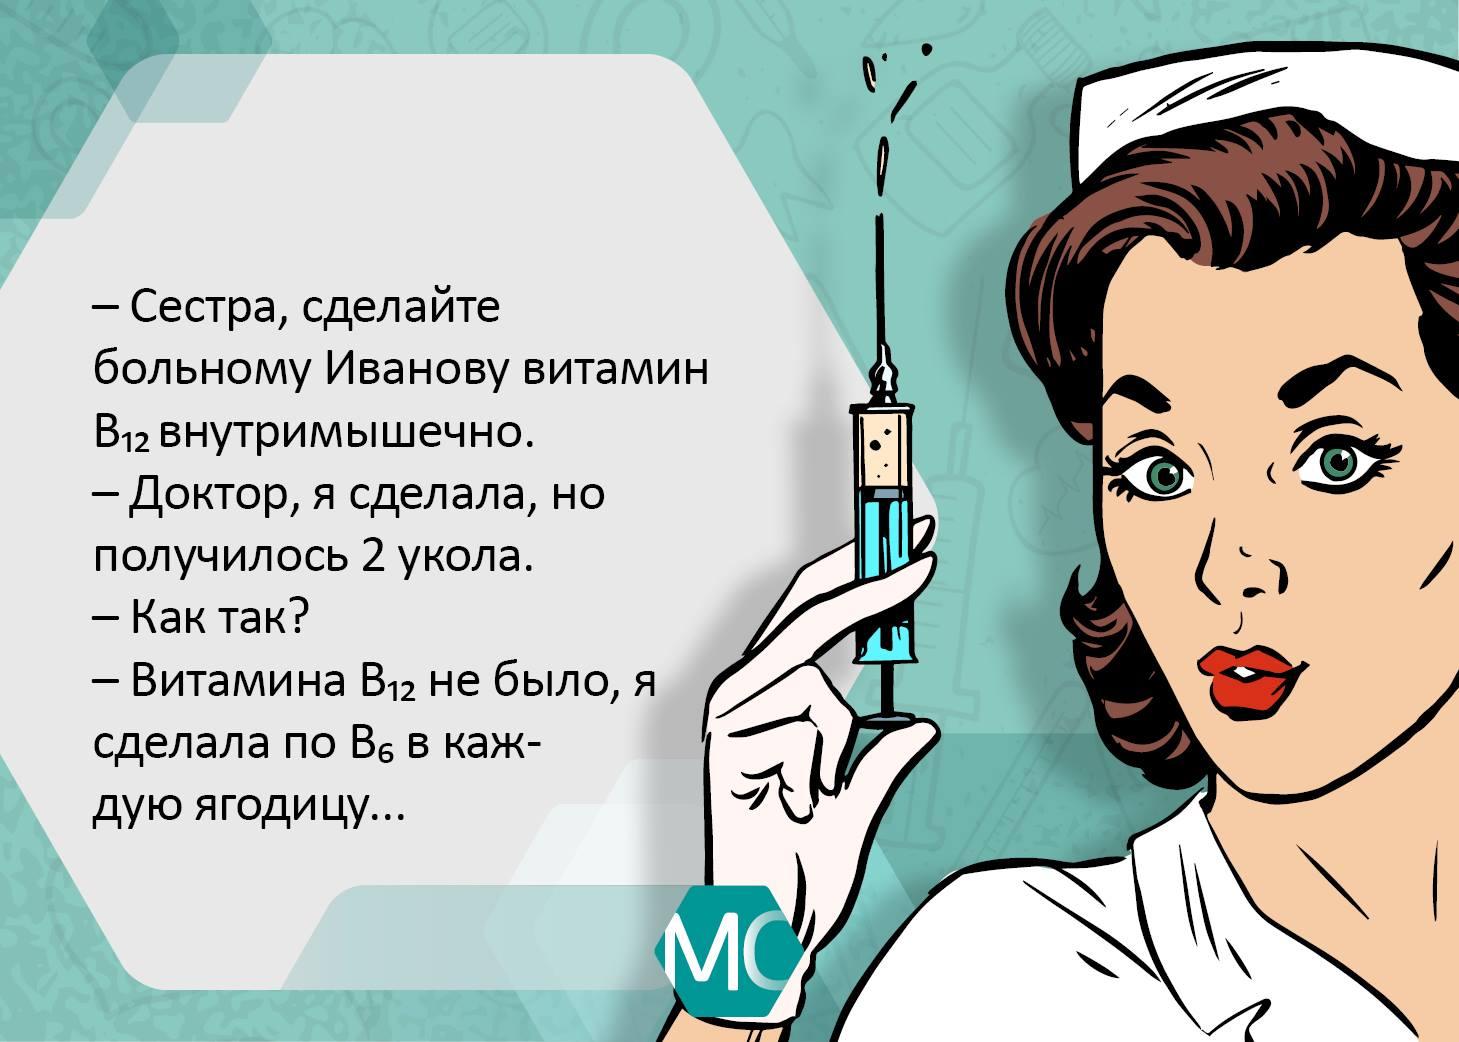 кот медики гуляют картинки с юмором этом случае